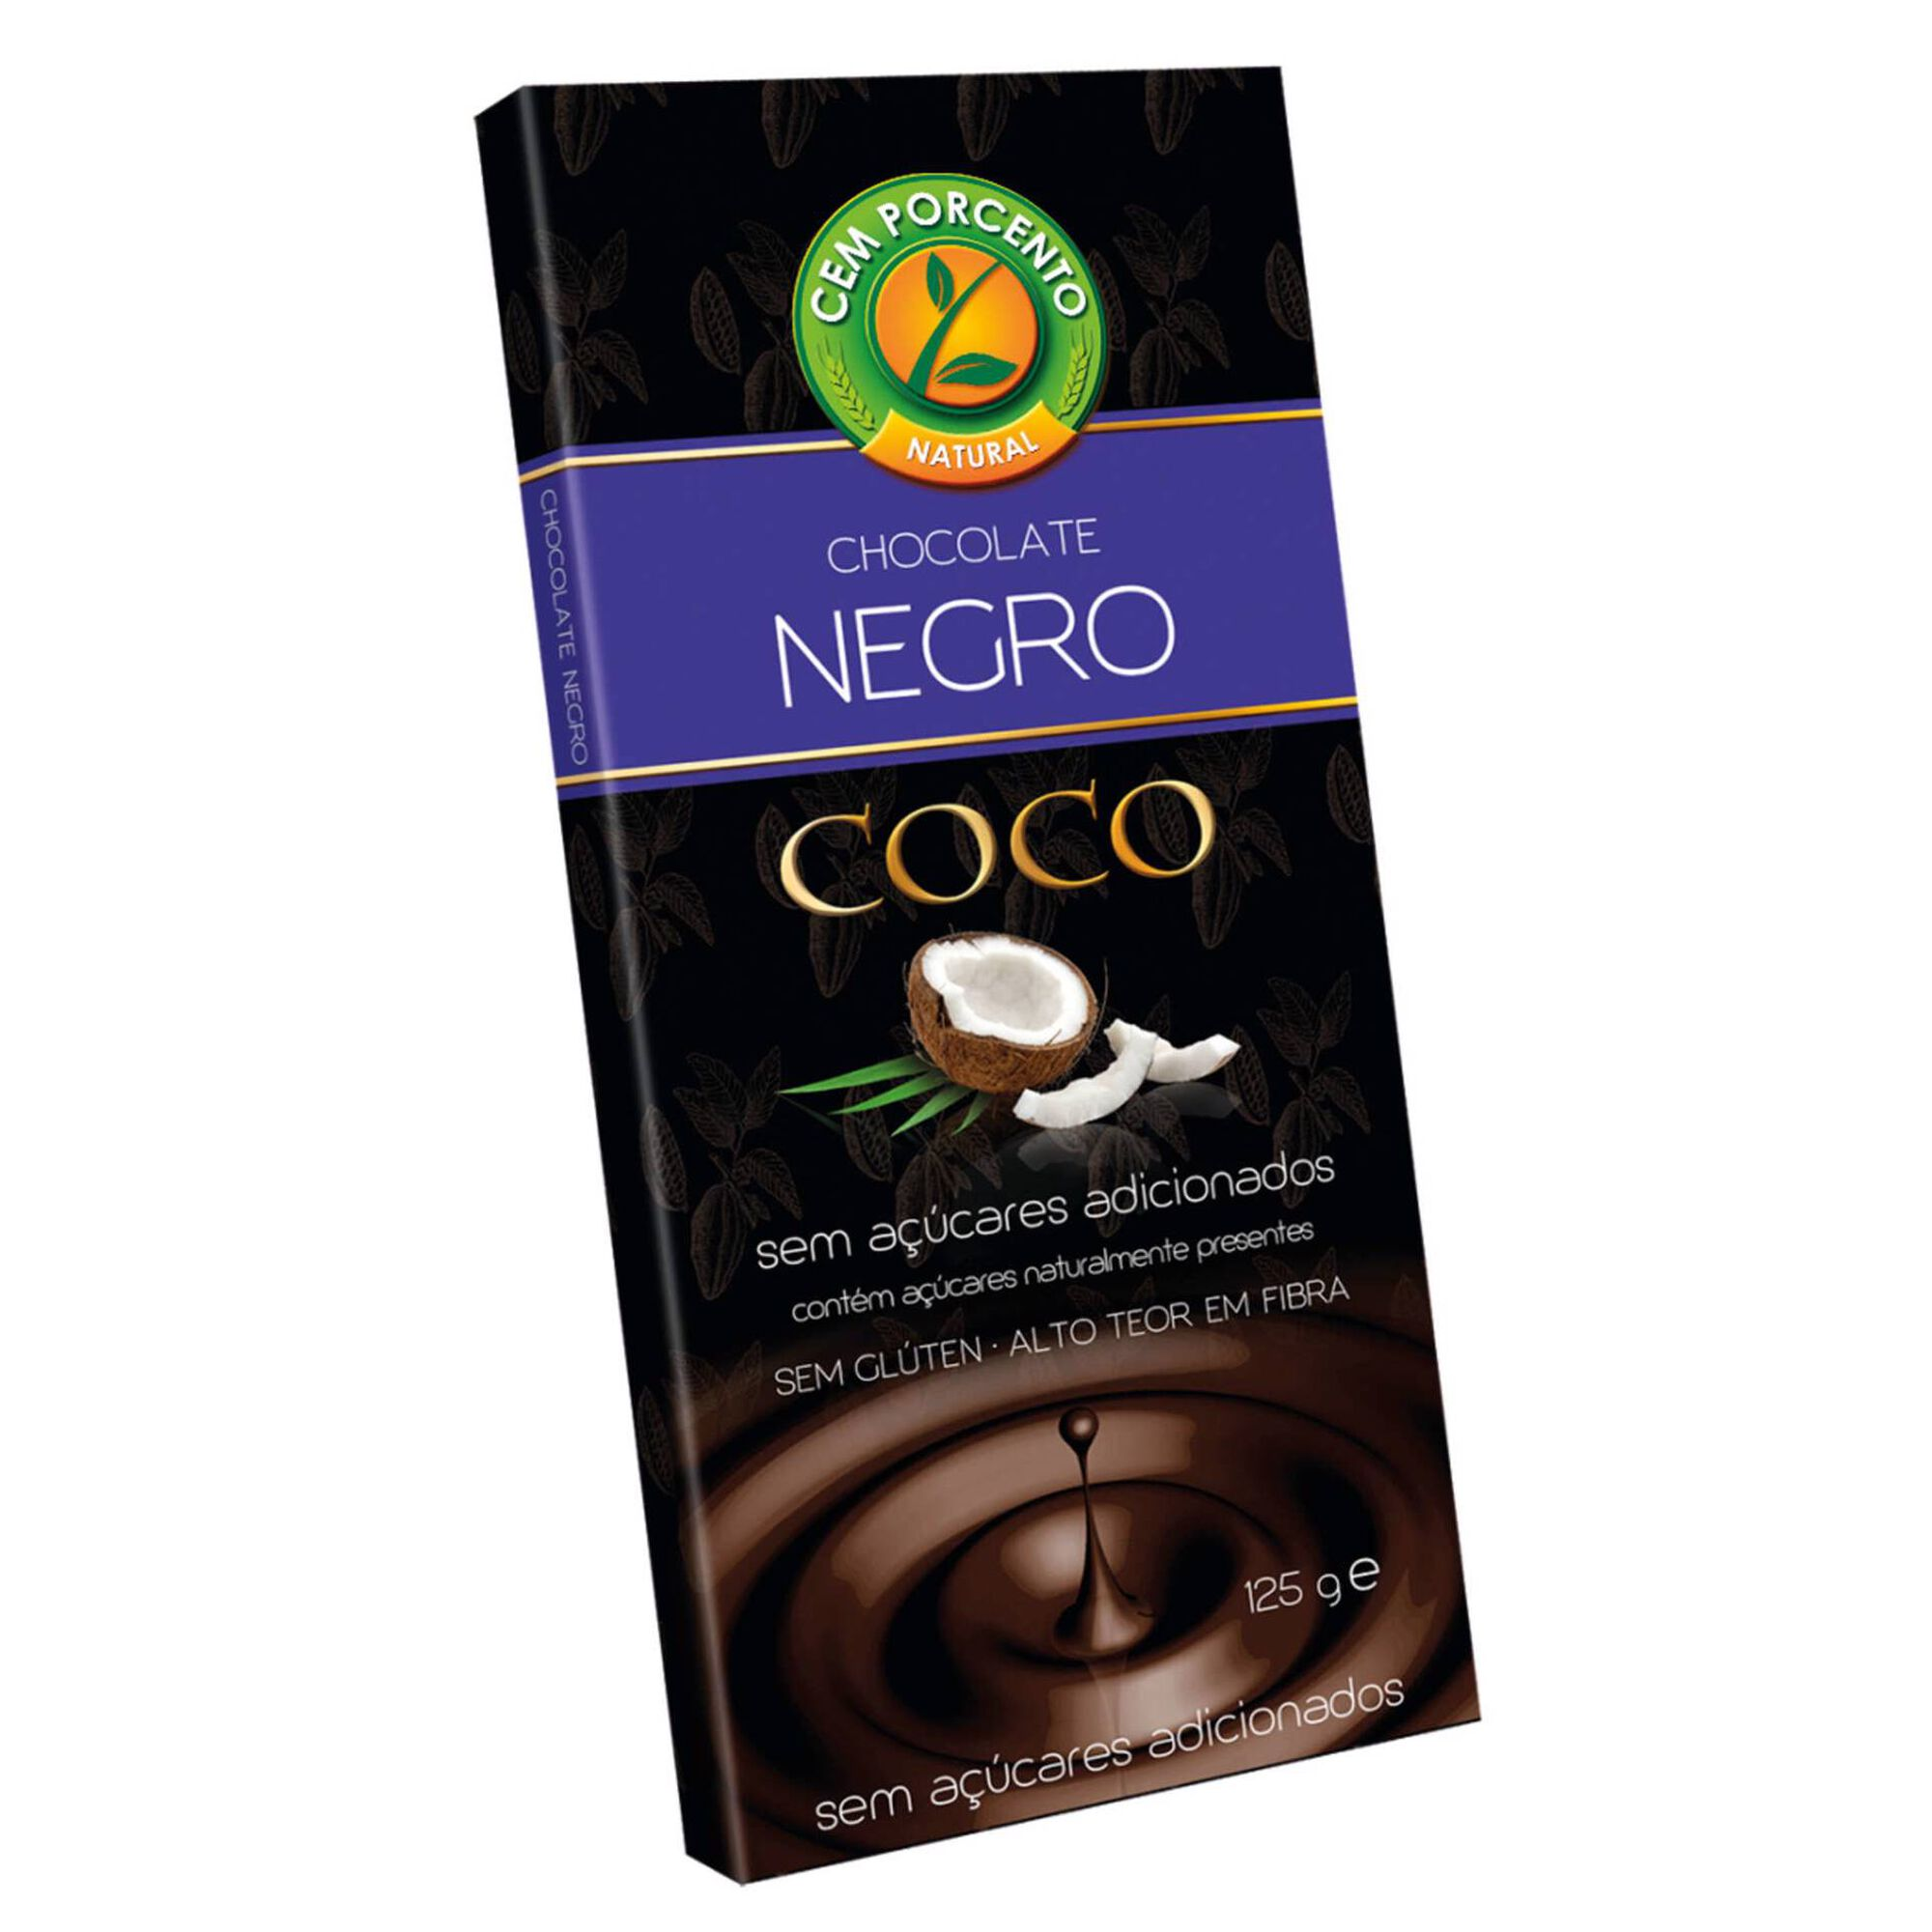 Tablete de Chocolate Negro com Coco sem Açúcar e sem Glúten